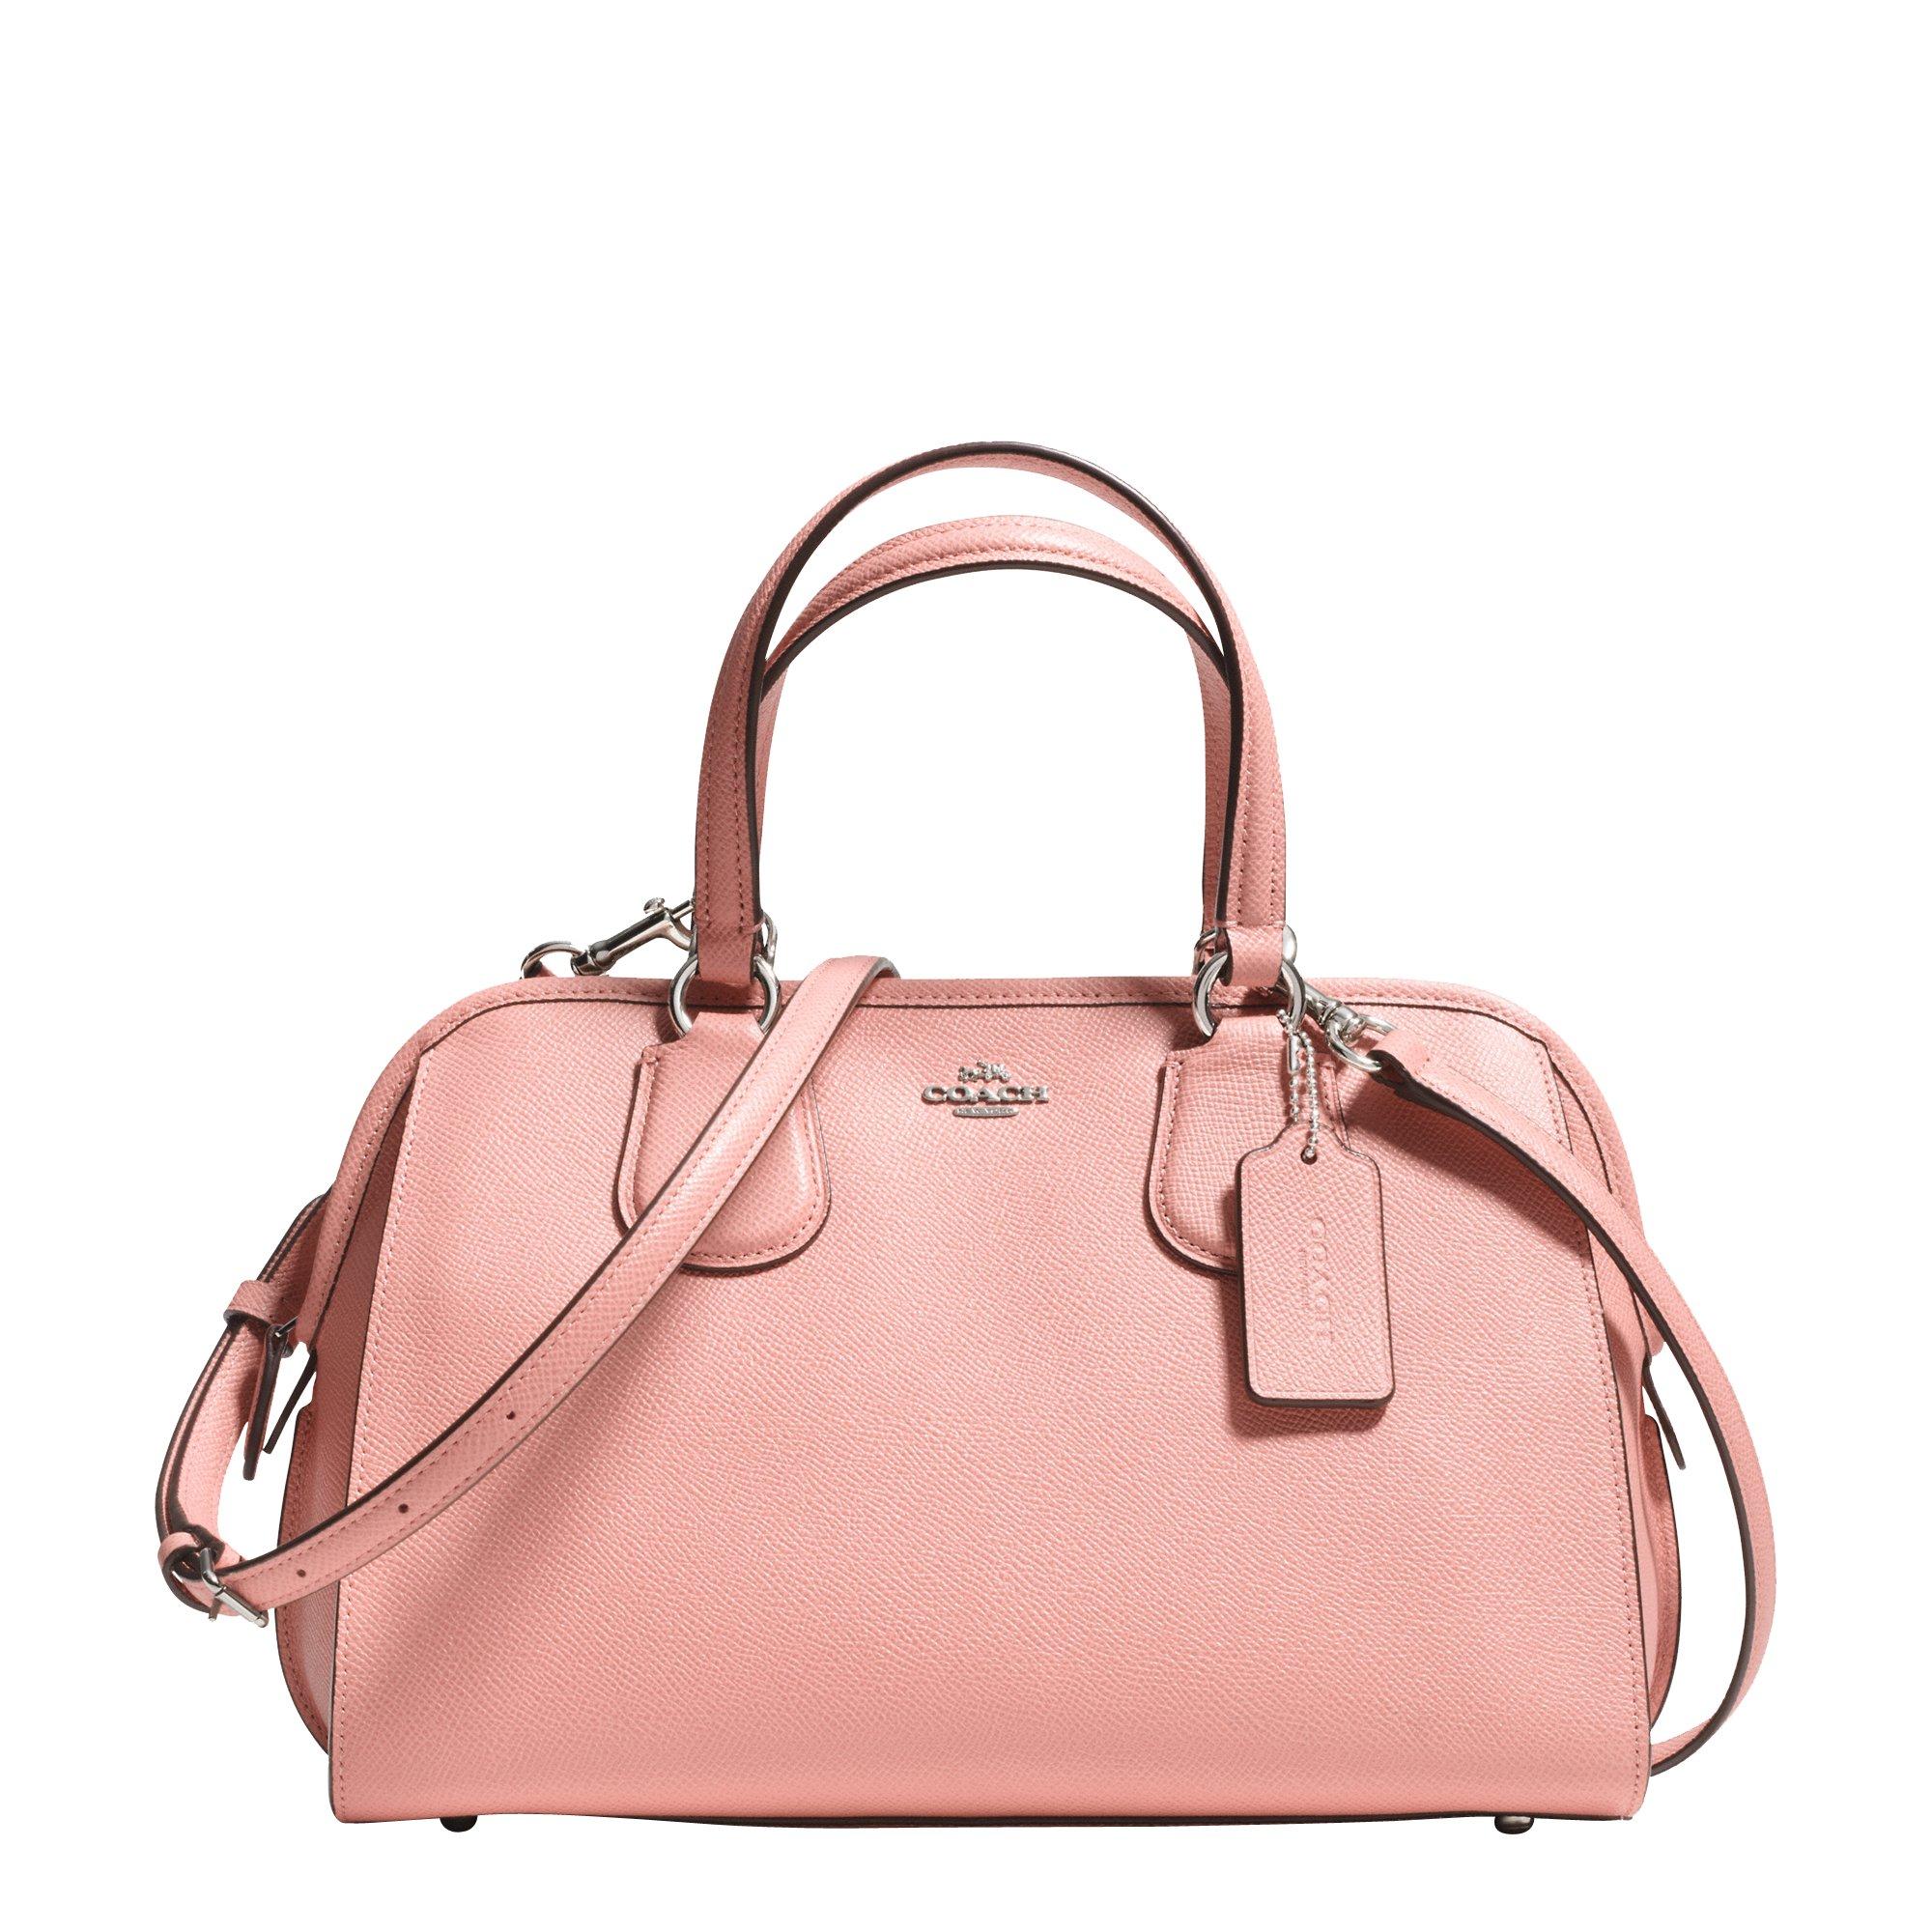 70a56a3f33 Lyst - COACH Nolita Satchel in Pink